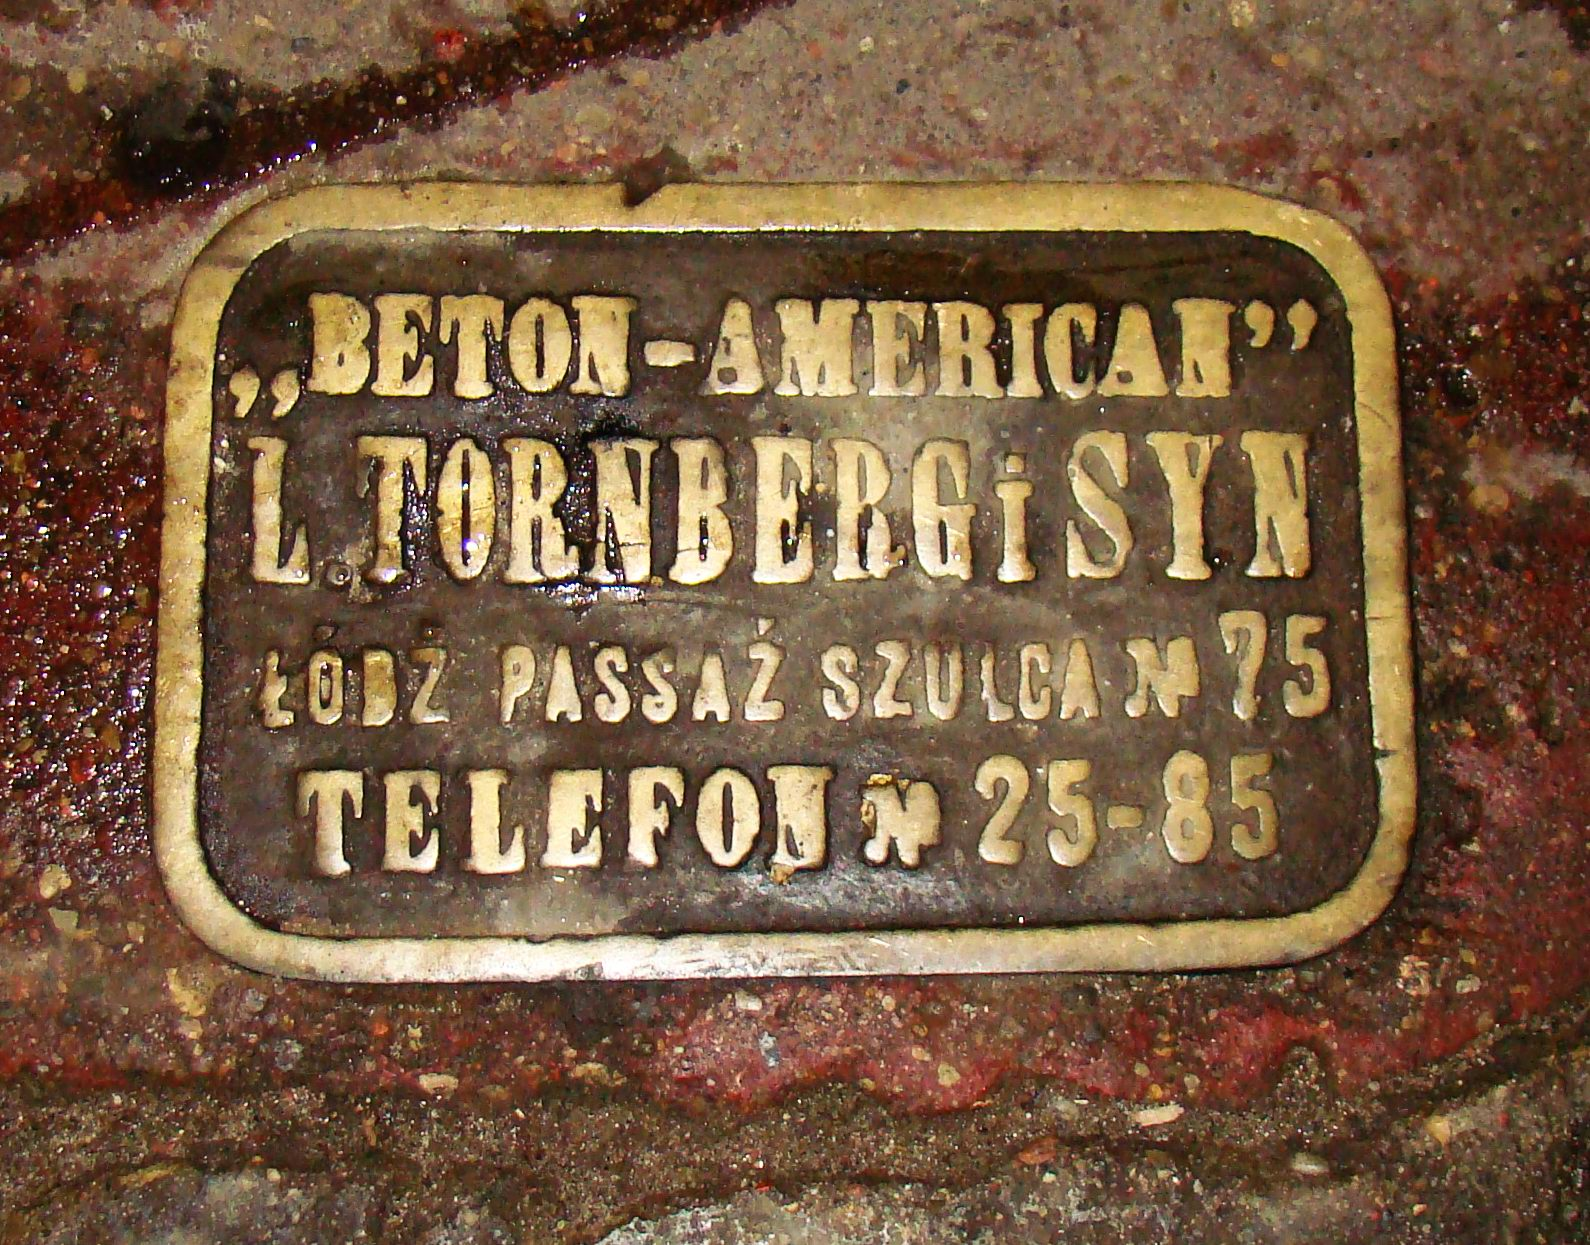 betonamerican